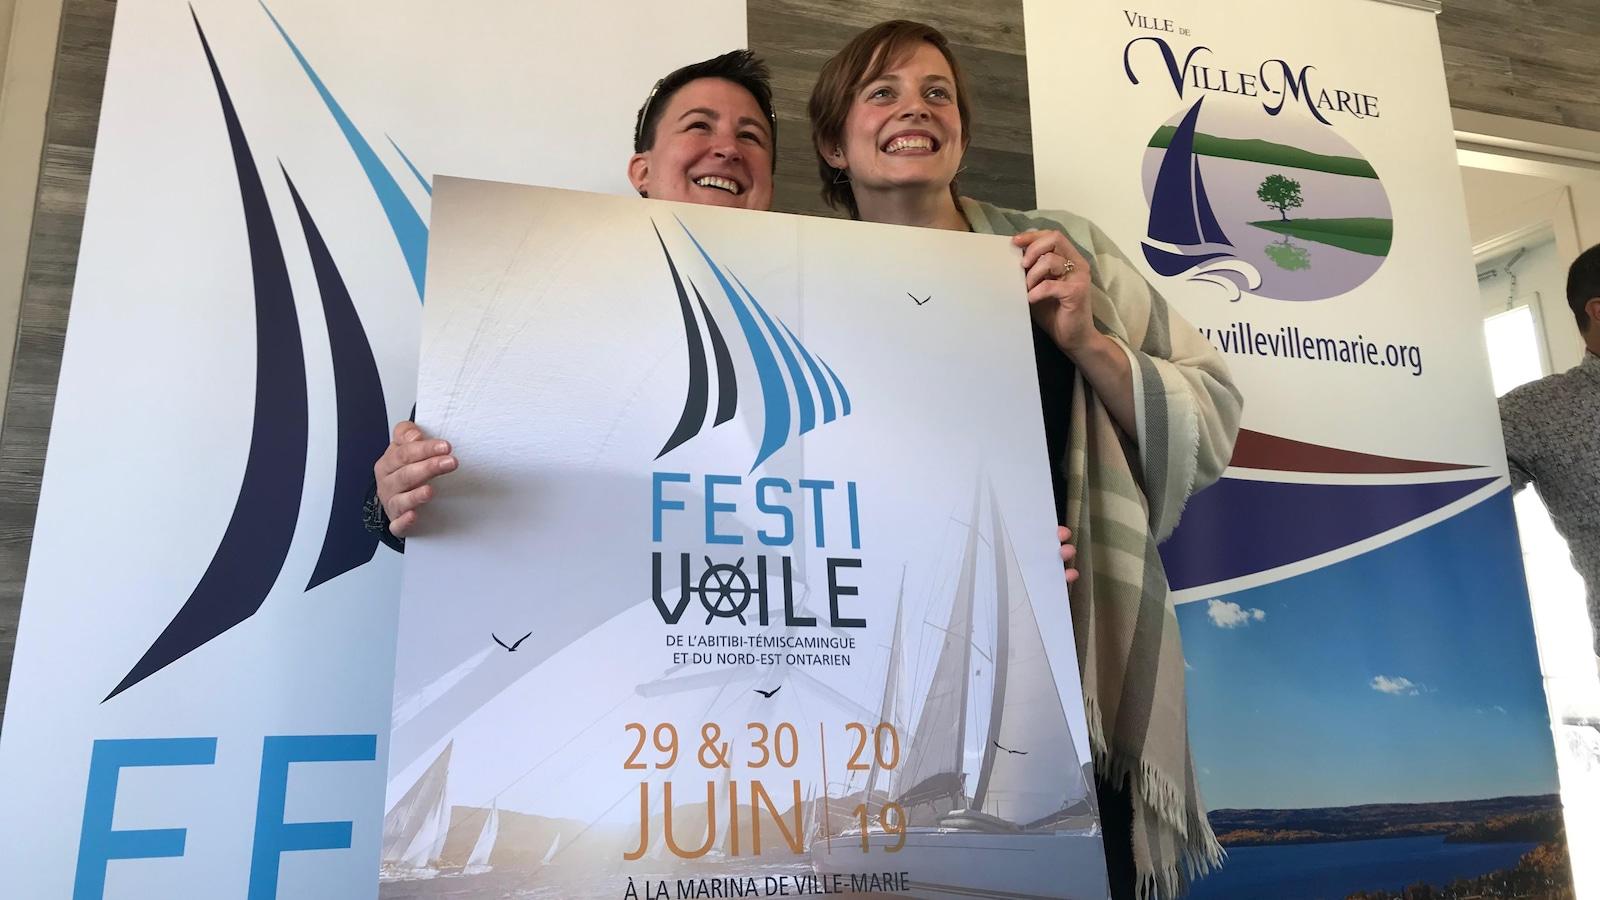 Deux femmes sourient en tenant une affiche du Festivoile de l'Abitibi-Témiscamingue et du Nord-Est ontarien.